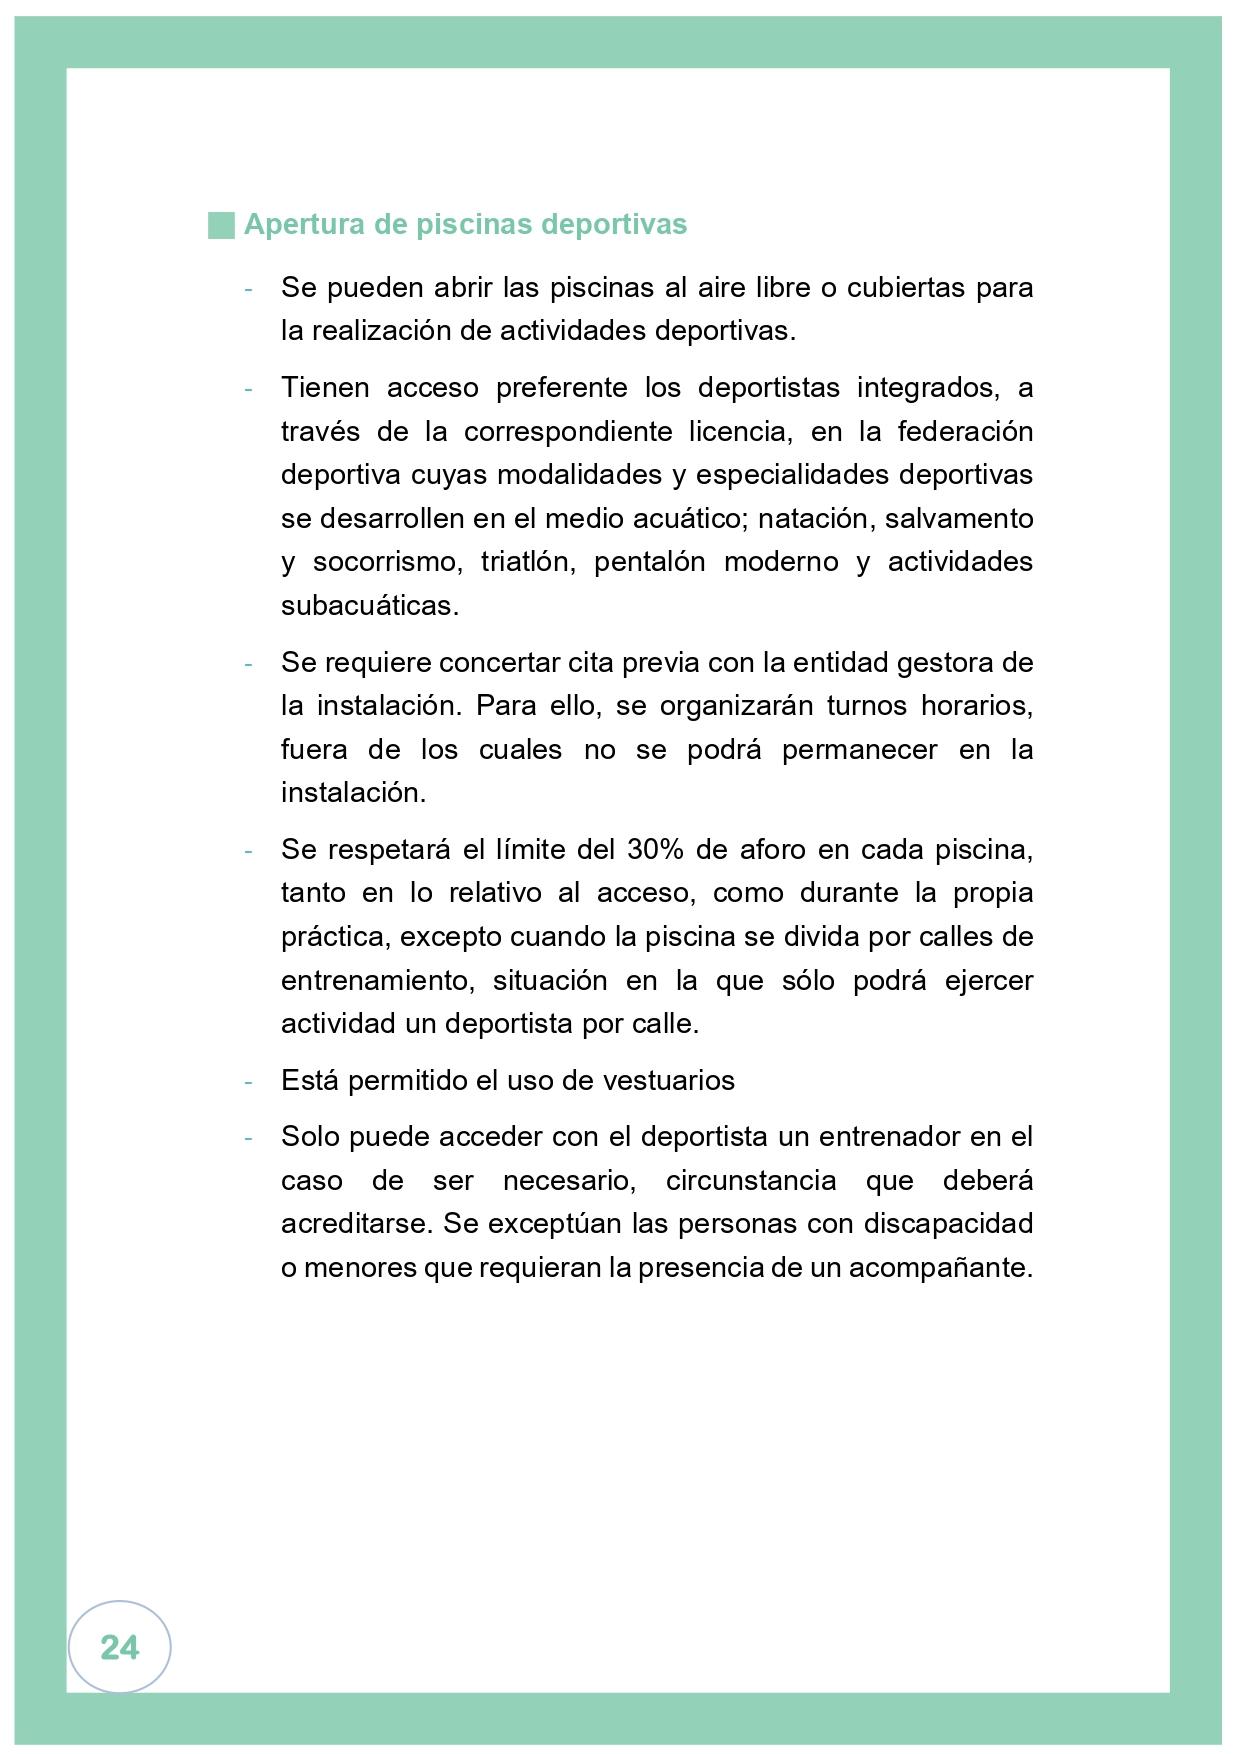 El gobierno oficializa que el Bierzo y Laciana pasan a la fase 2 el lunes 1 de junio 27